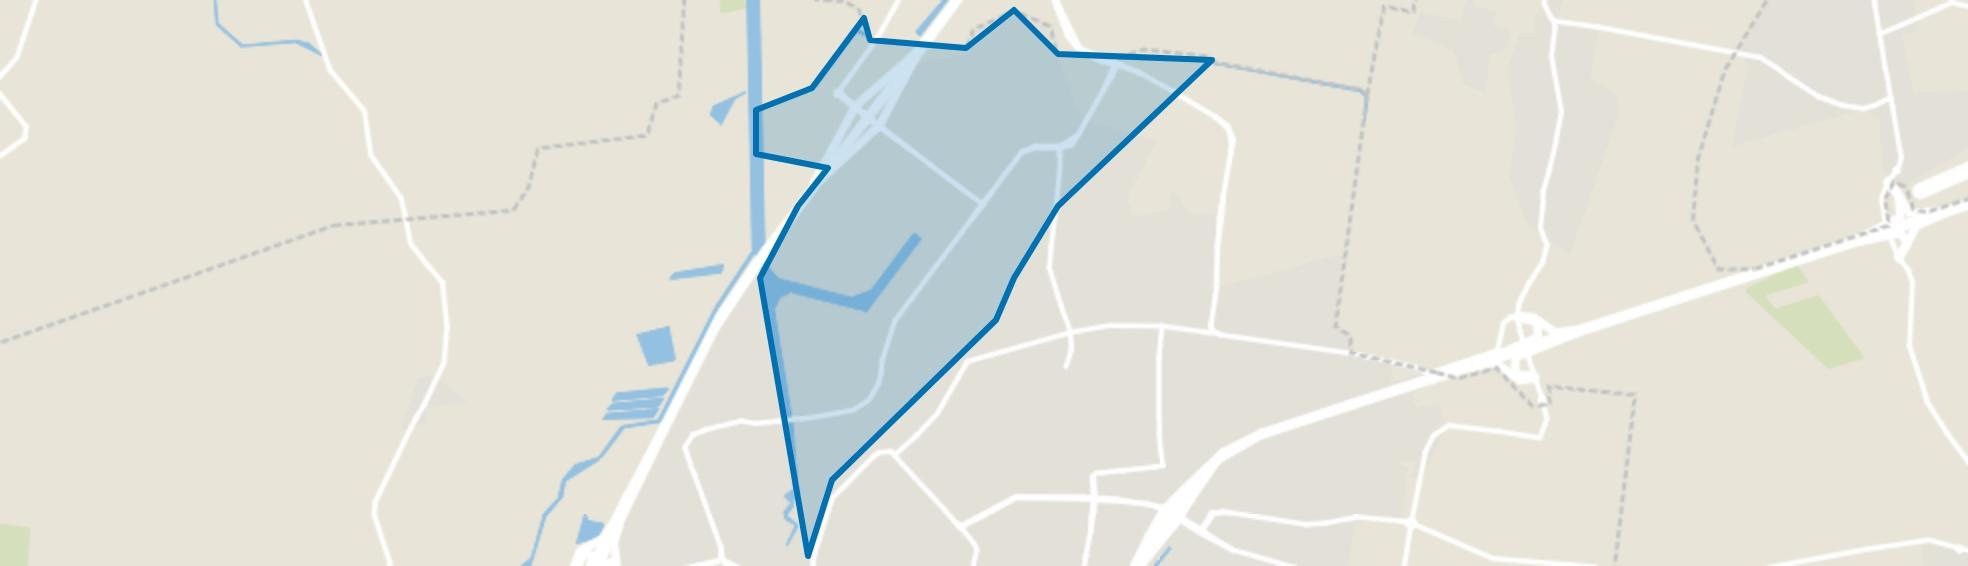 Borchwerf-Noord, Roosendaal map